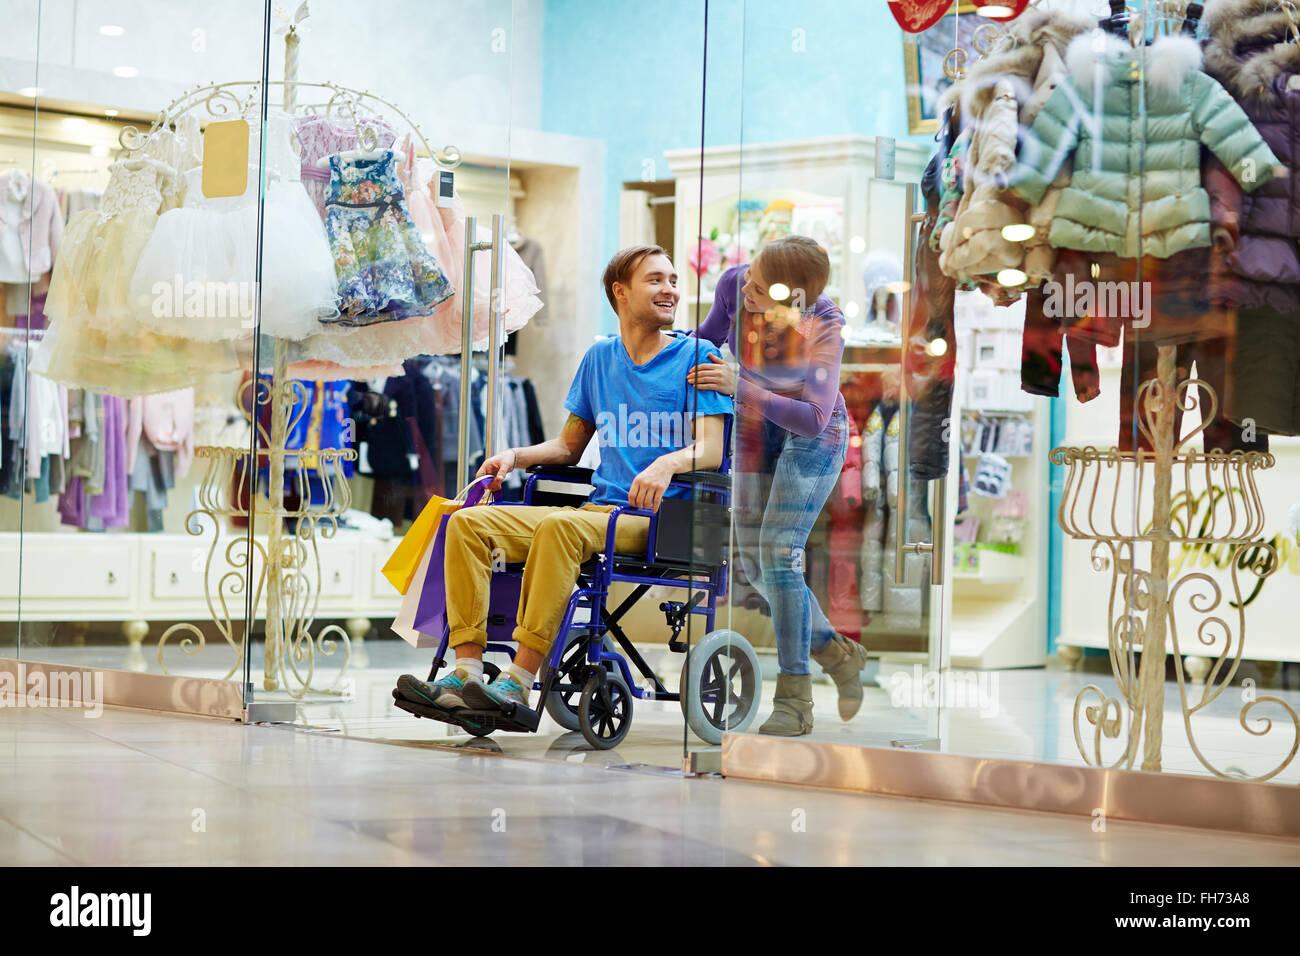 Caring ragazza e il suo fidanzato disabilitare visitando il reparto di abbigliamento nel centro commerciale Immagini Stock